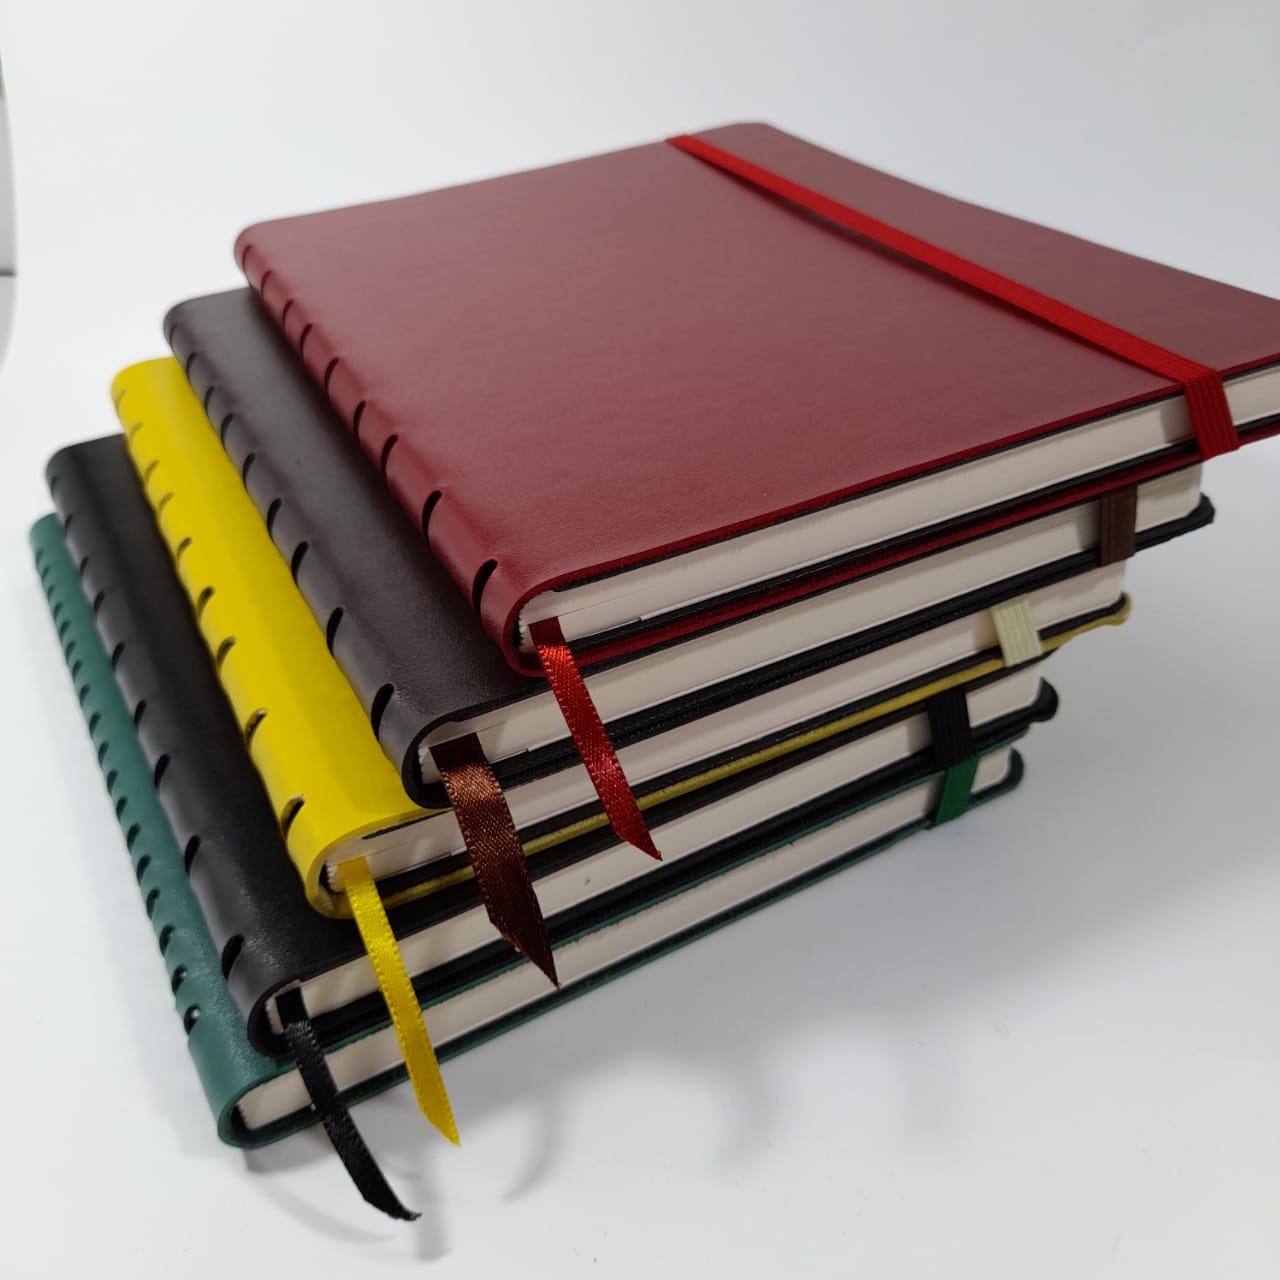 Caderno Pautado Montana 15x21 96 Folhas Costurado